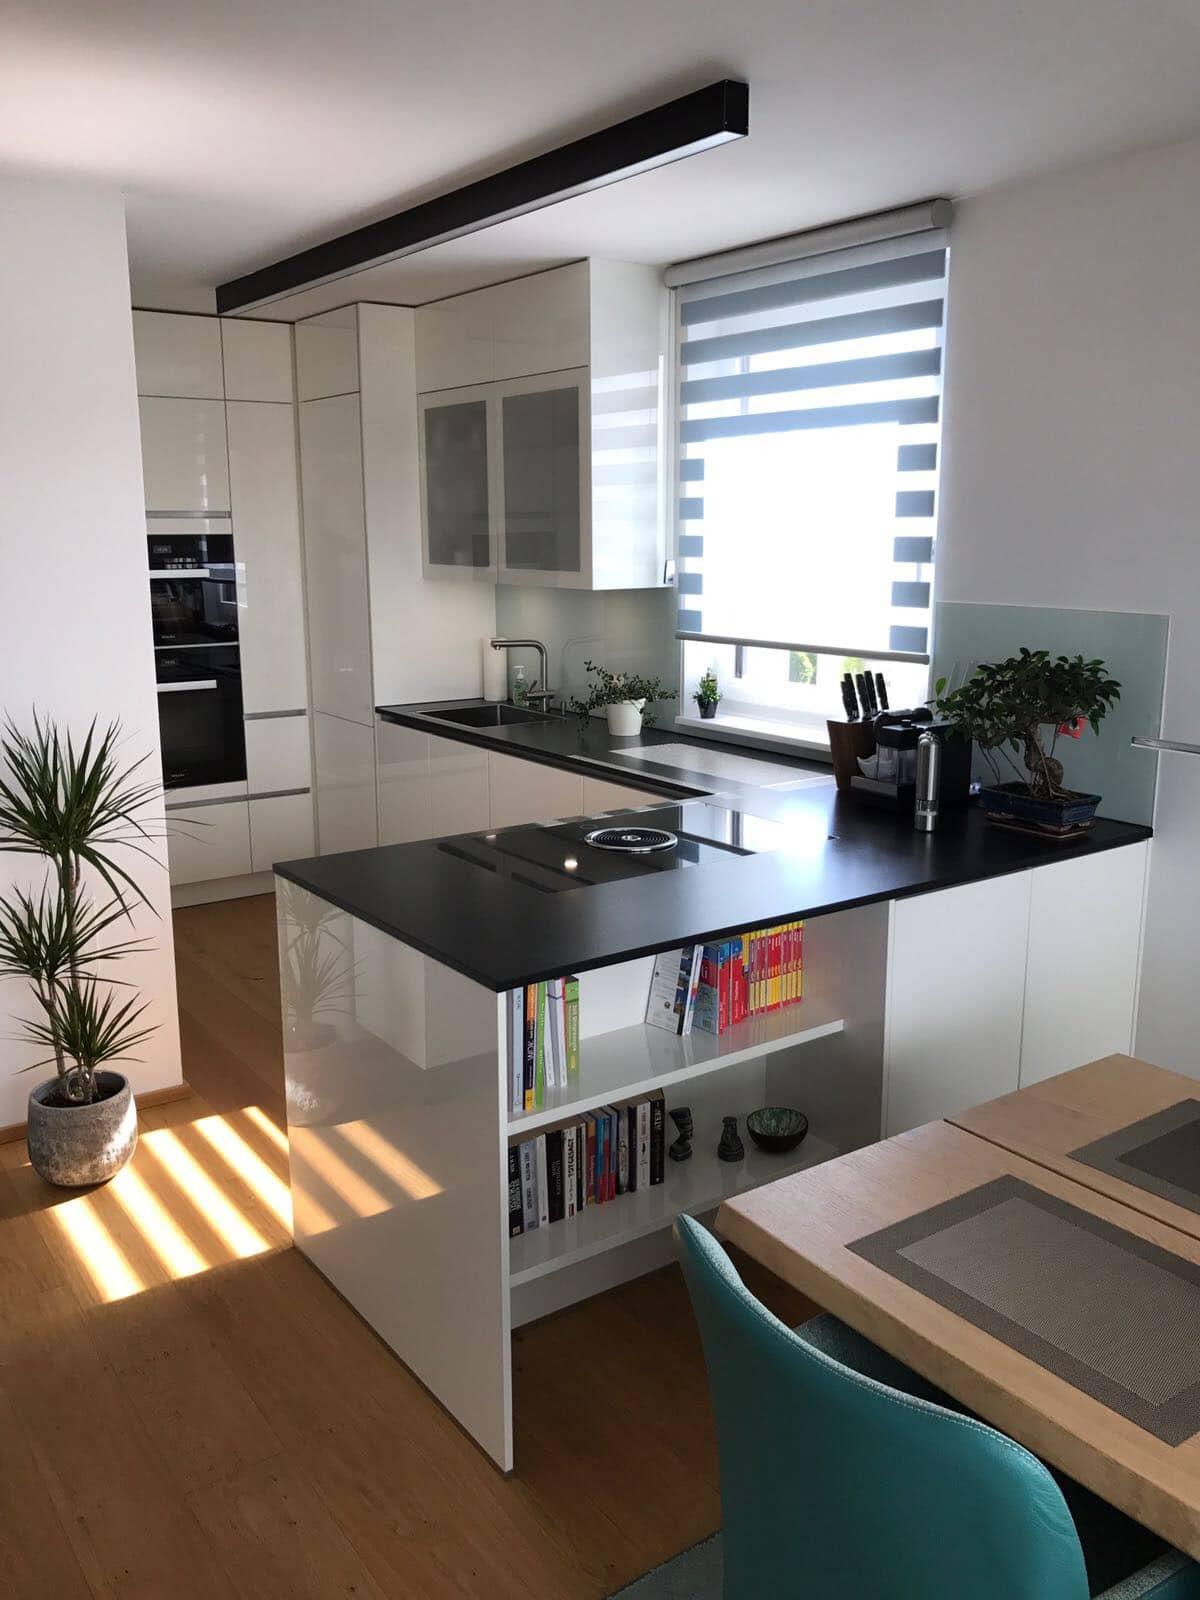 Weiße Küche Welche Arbeitsplatte  Magnolie Küche Welche